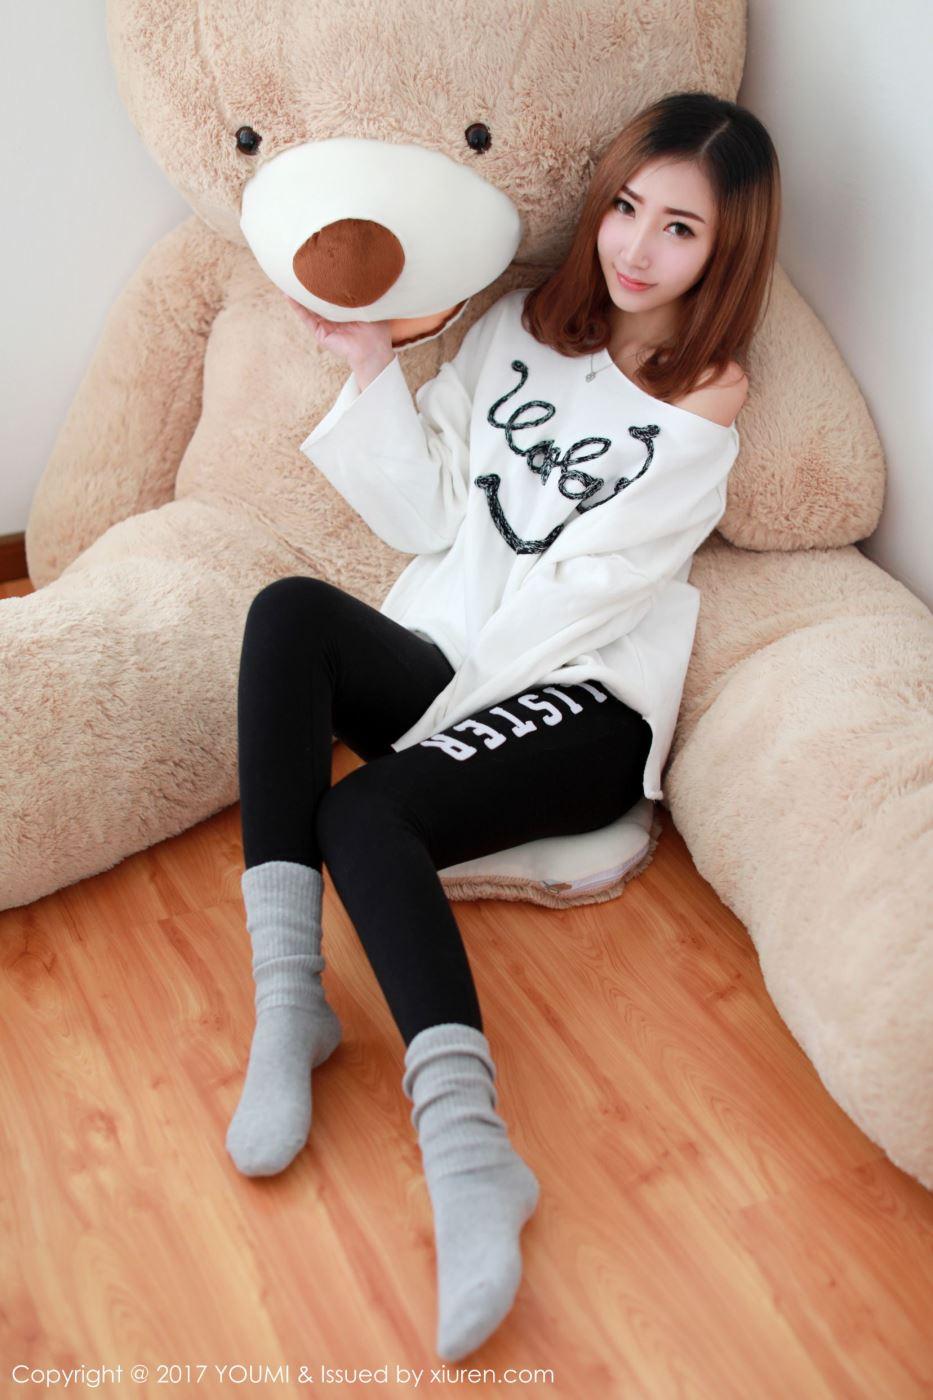 性感清纯美女嫩模Yumi尤美妩媚时尚超高清写真图片